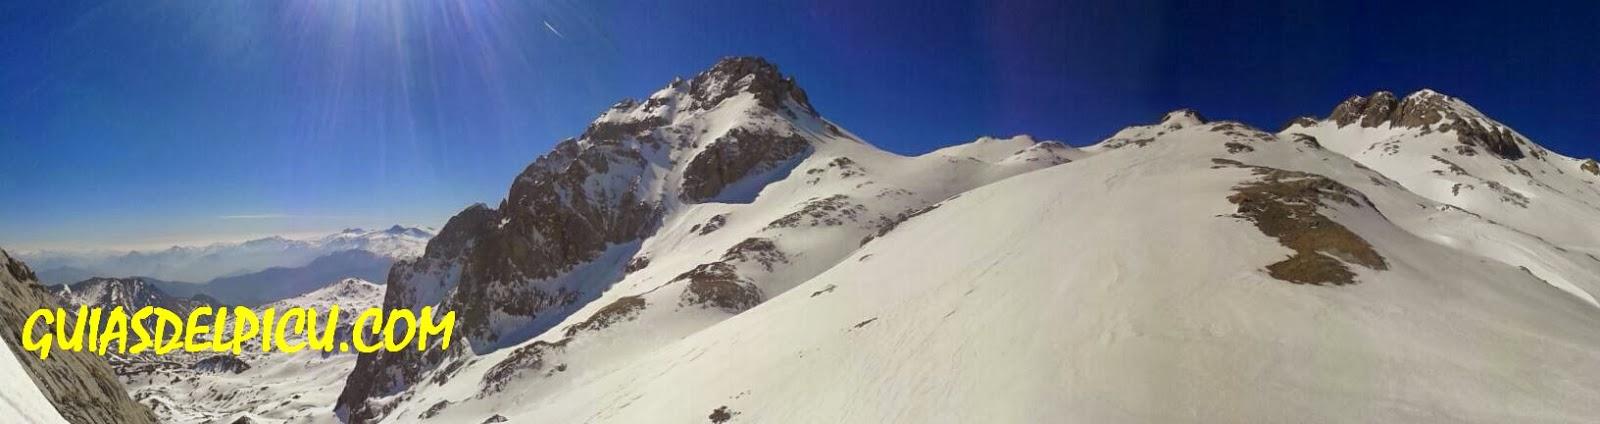 Guias de montaña , en picos de europa , ascensiones y escaladas guiadas